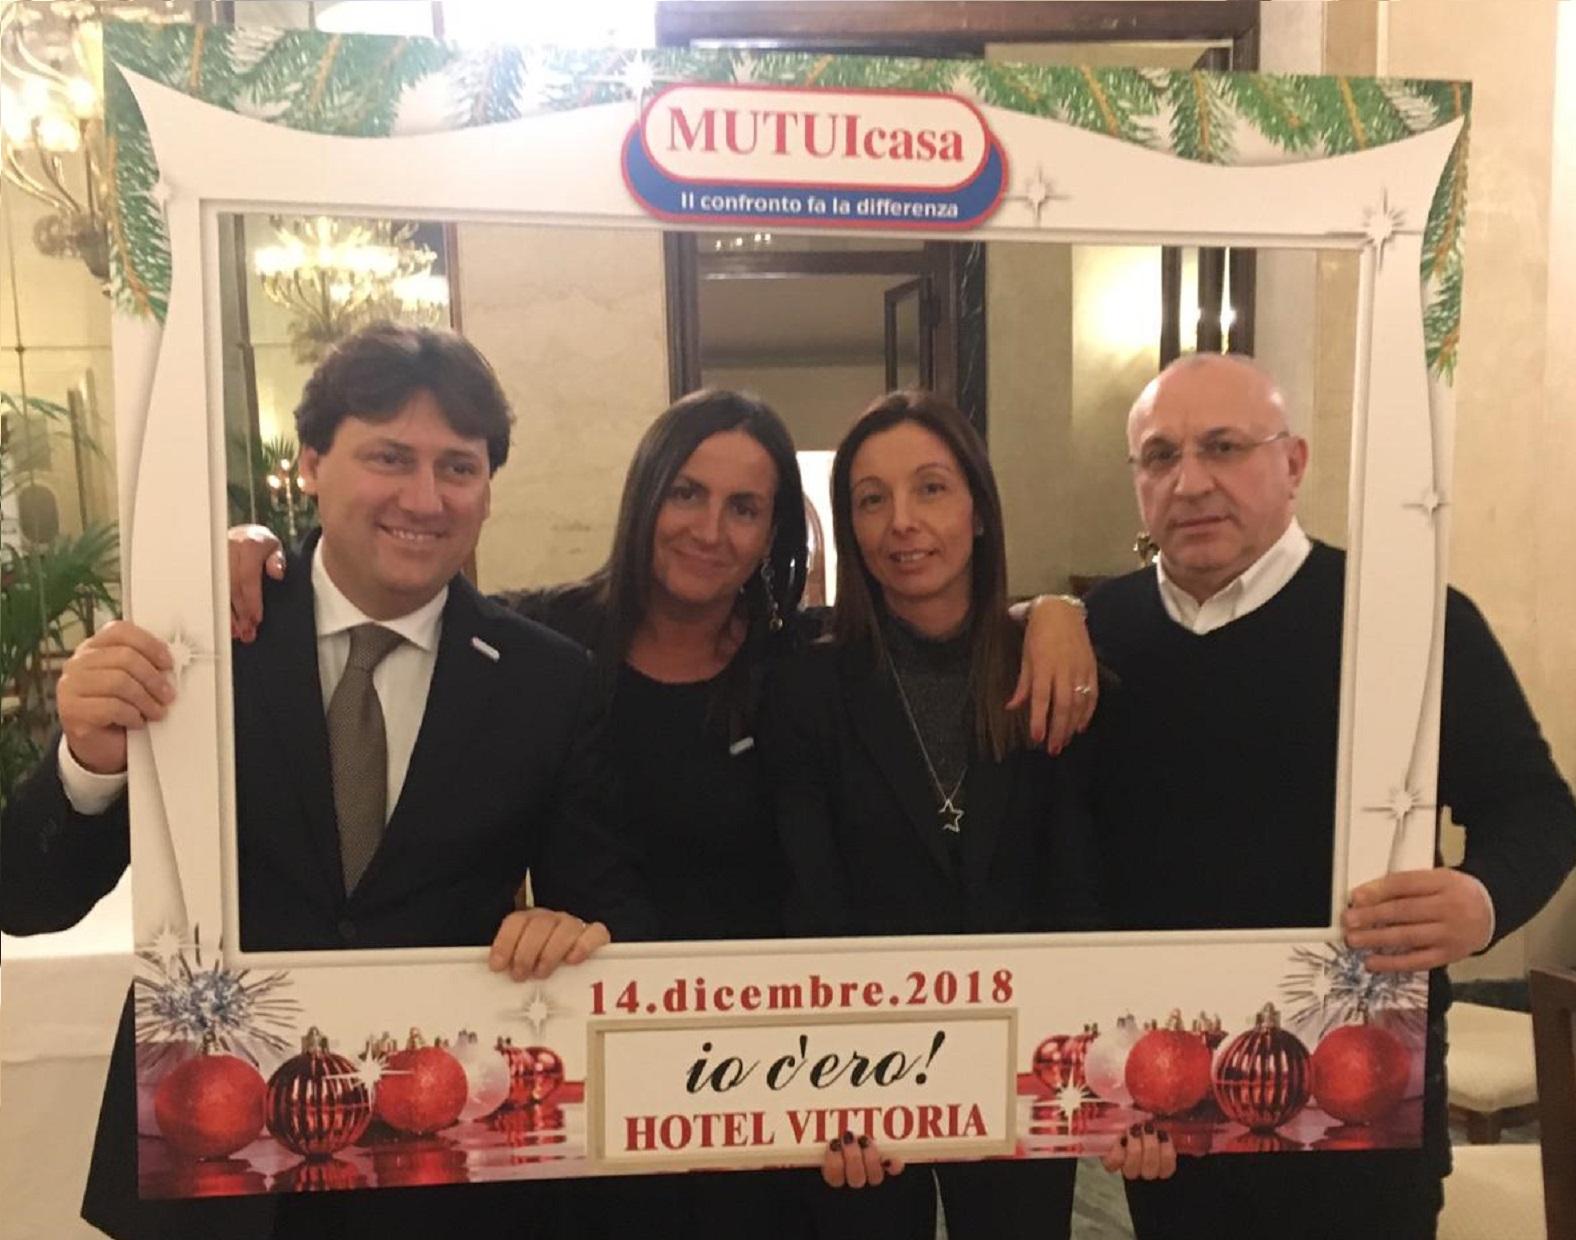 Foto ricordo 7 Christams Event organizzato da MUTUIcasa nel 2018